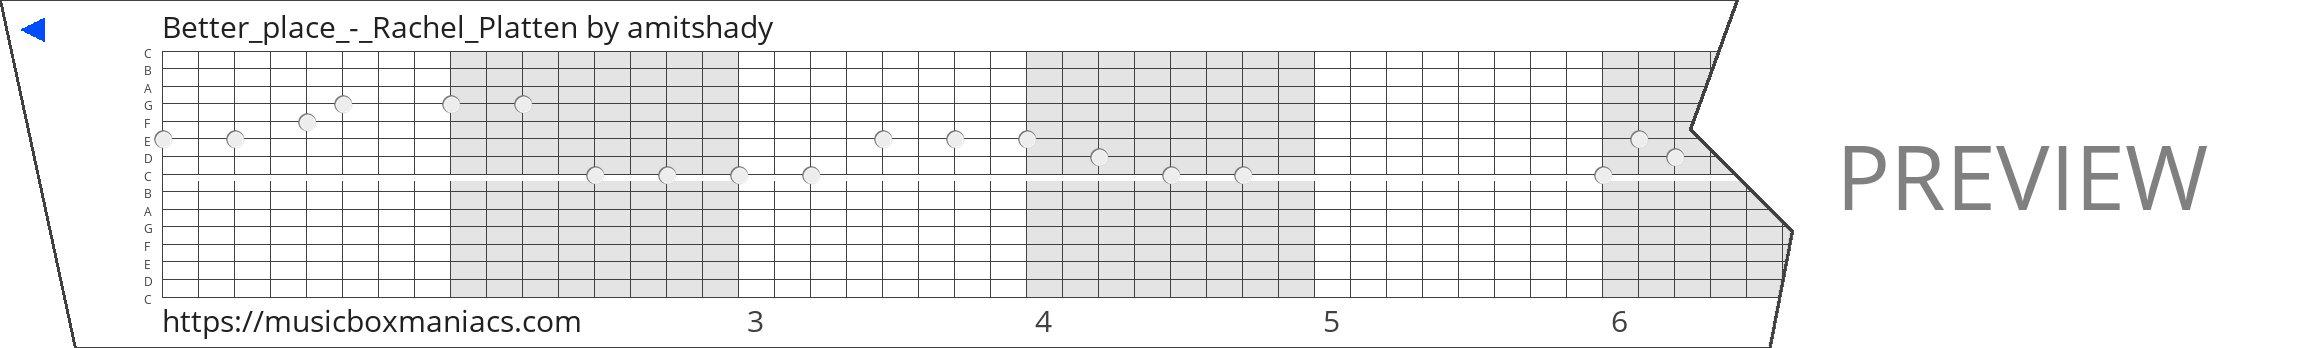 Better_place_-_Rachel_Platten 15 note music box paper strip